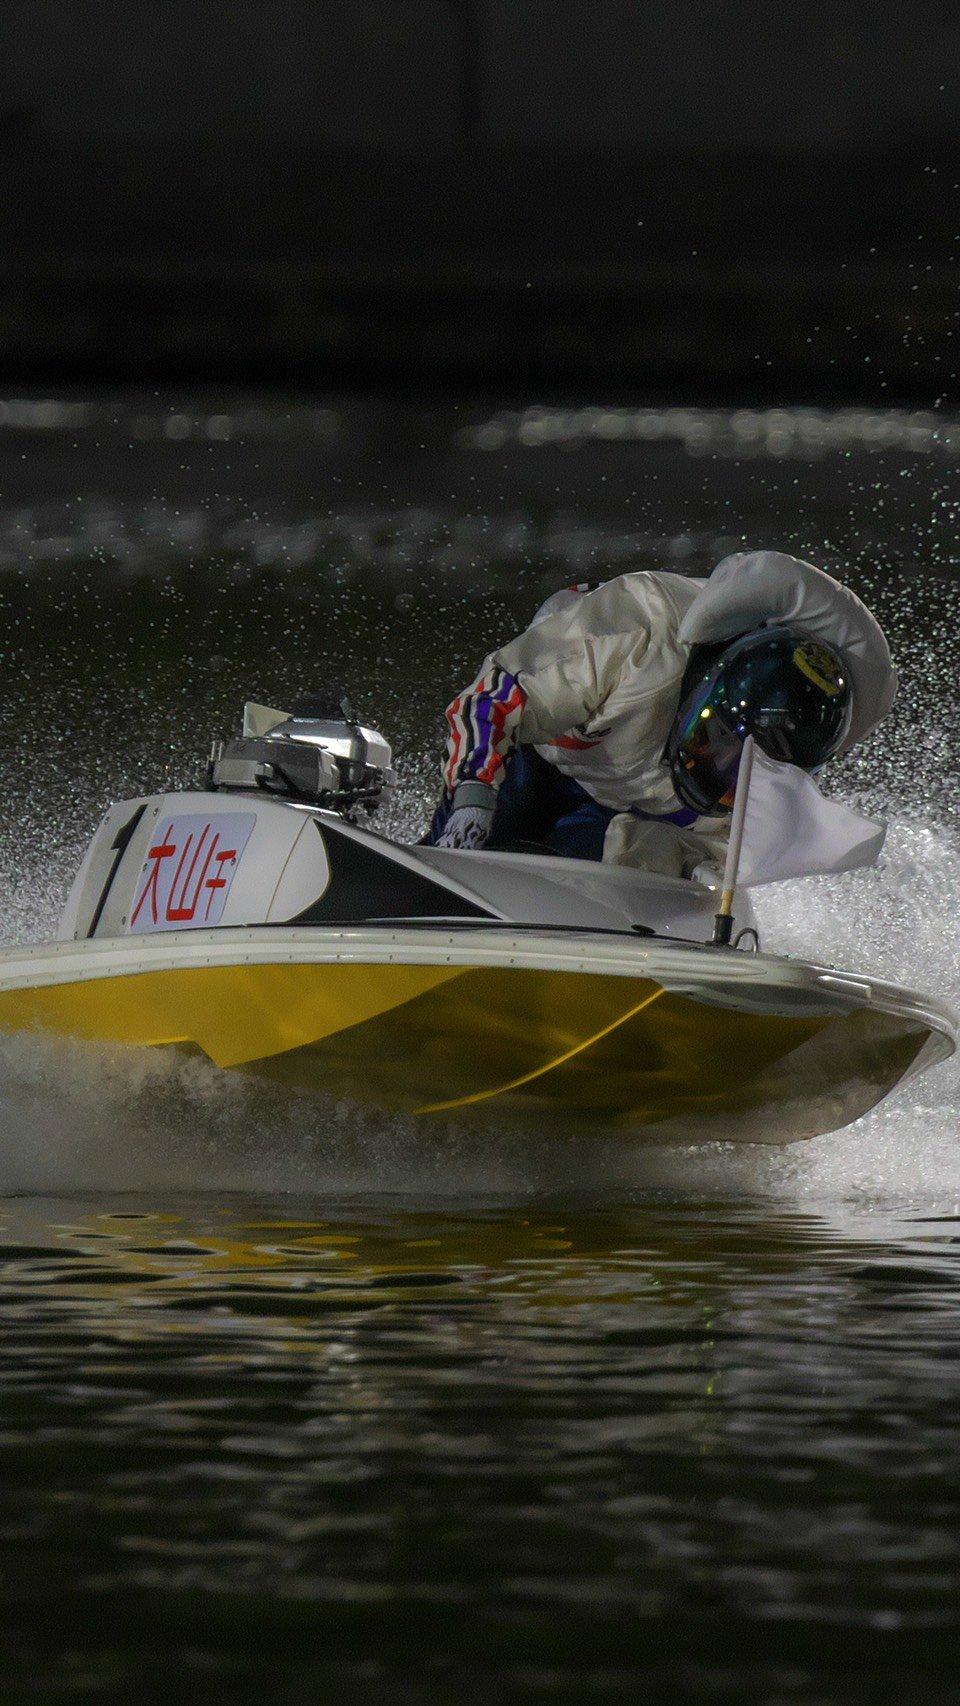 ボート レース オフィシャル ウェブ サイト BOAT RACEとこなめ公式ウェブサイト